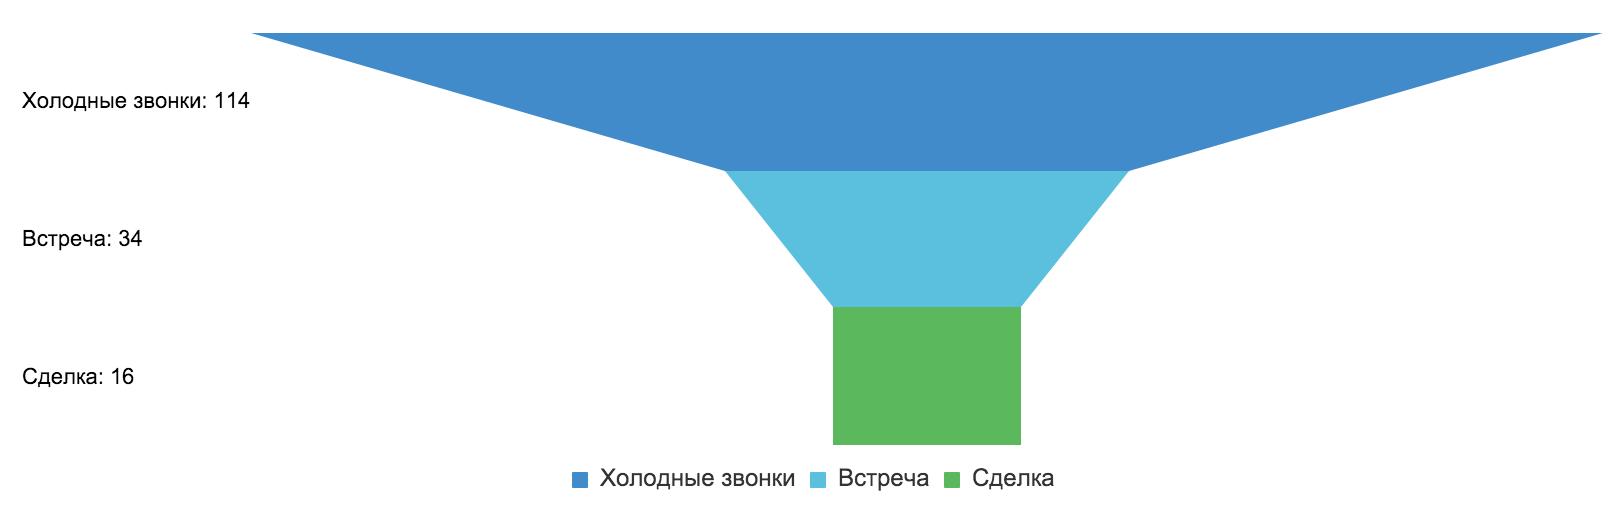 График_воронка